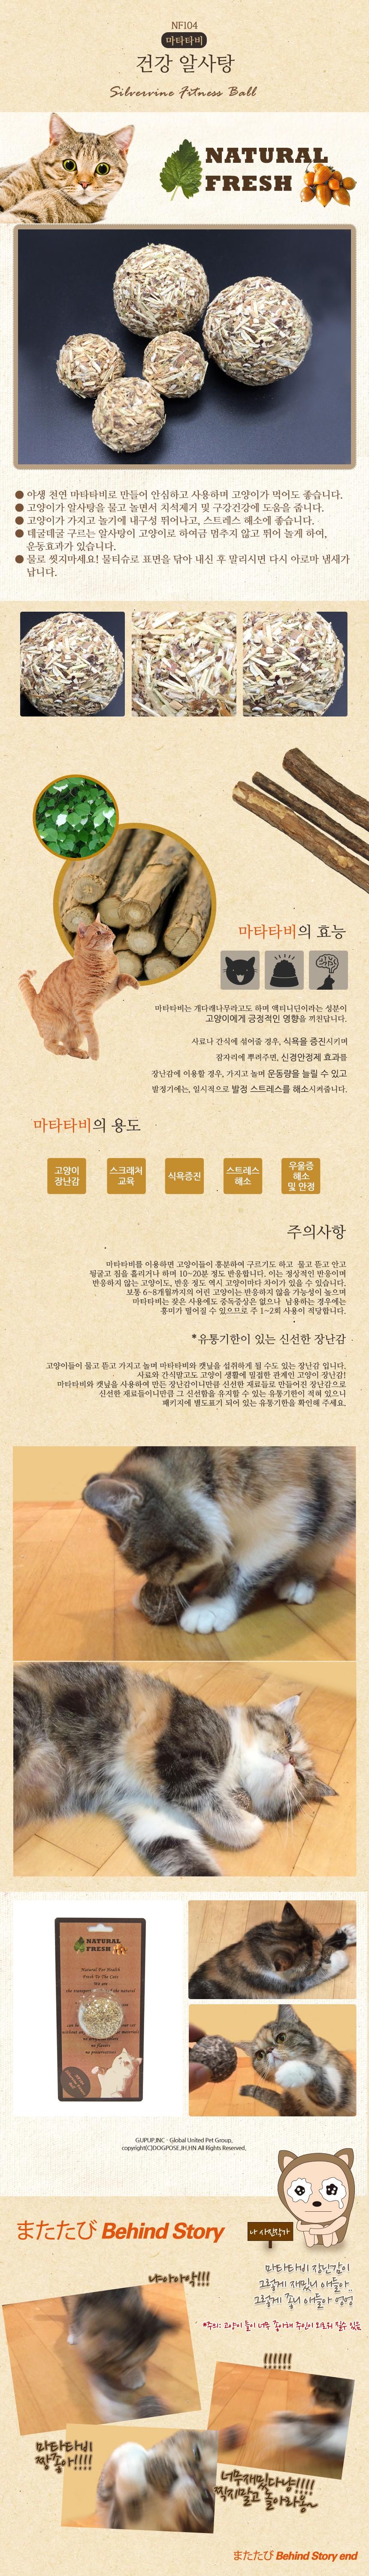 (유통기한20.11.30)내추럴프레시 고양이 마따따비 건강 알사탕 - 스토어봄, 1,700원, 장난감/스크래쳐, 장난감